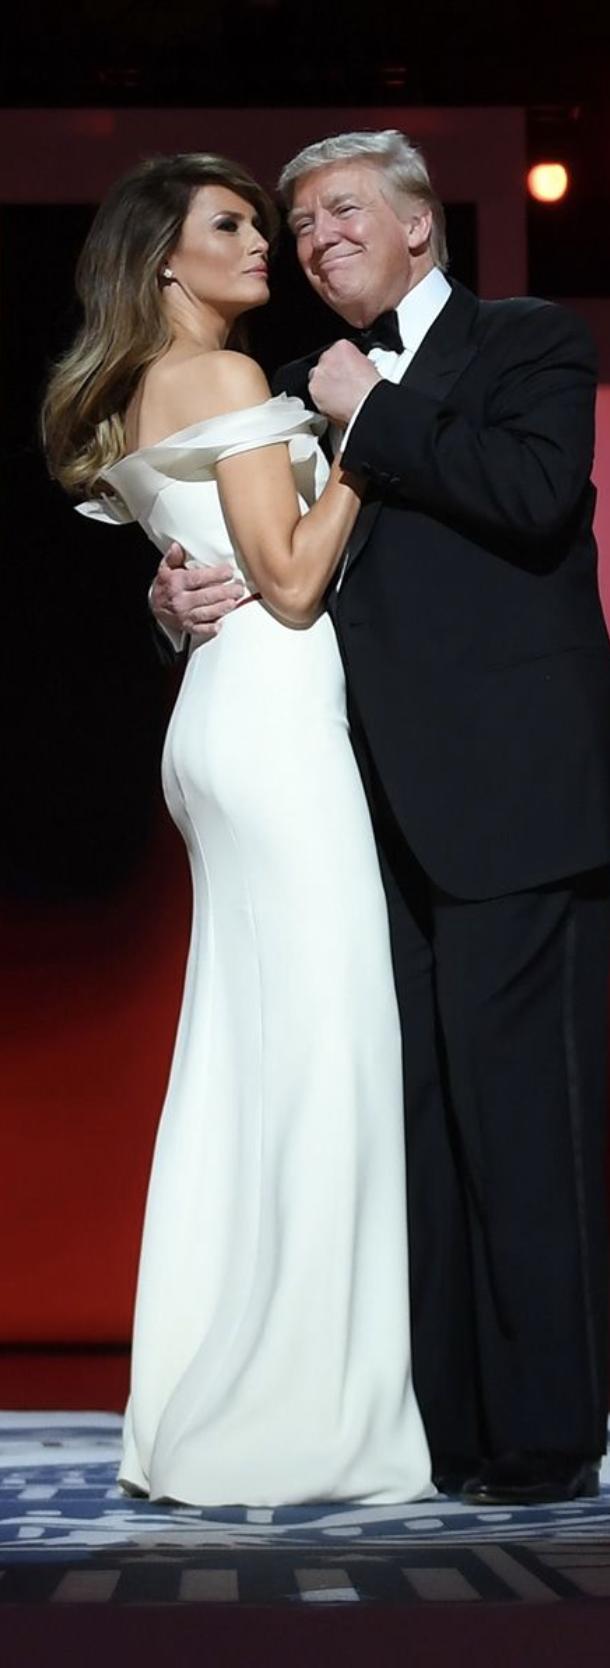 President & First Lady Melania Trump | Melania Trump | Pinterest ...